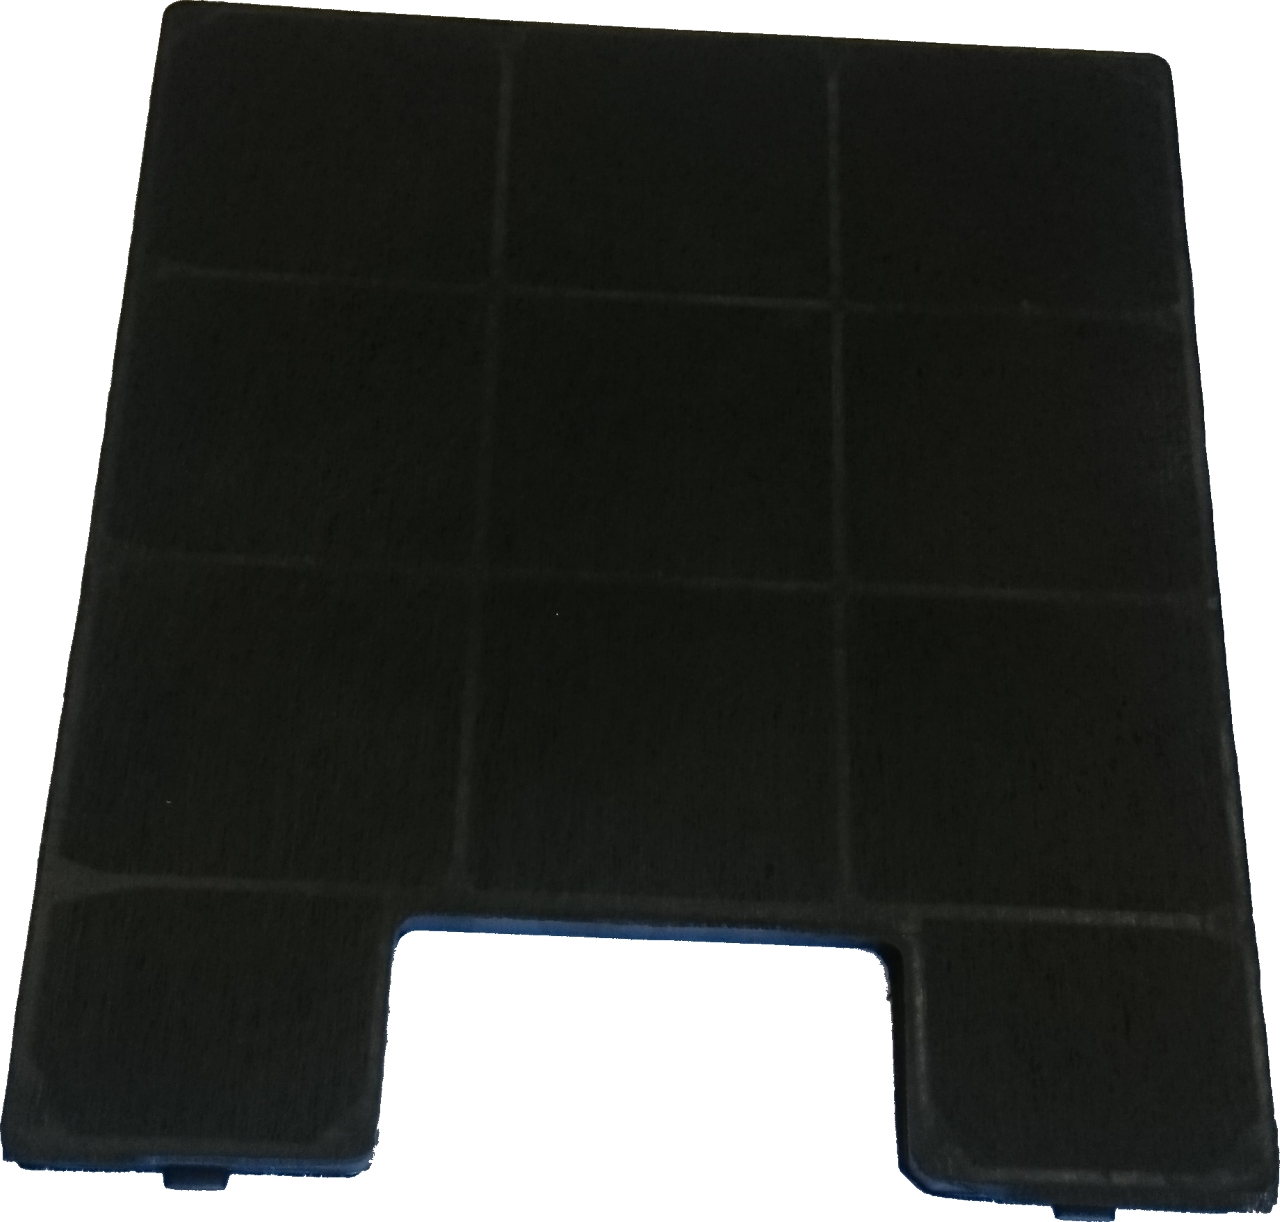 Uhlíkový filtr FW-K225